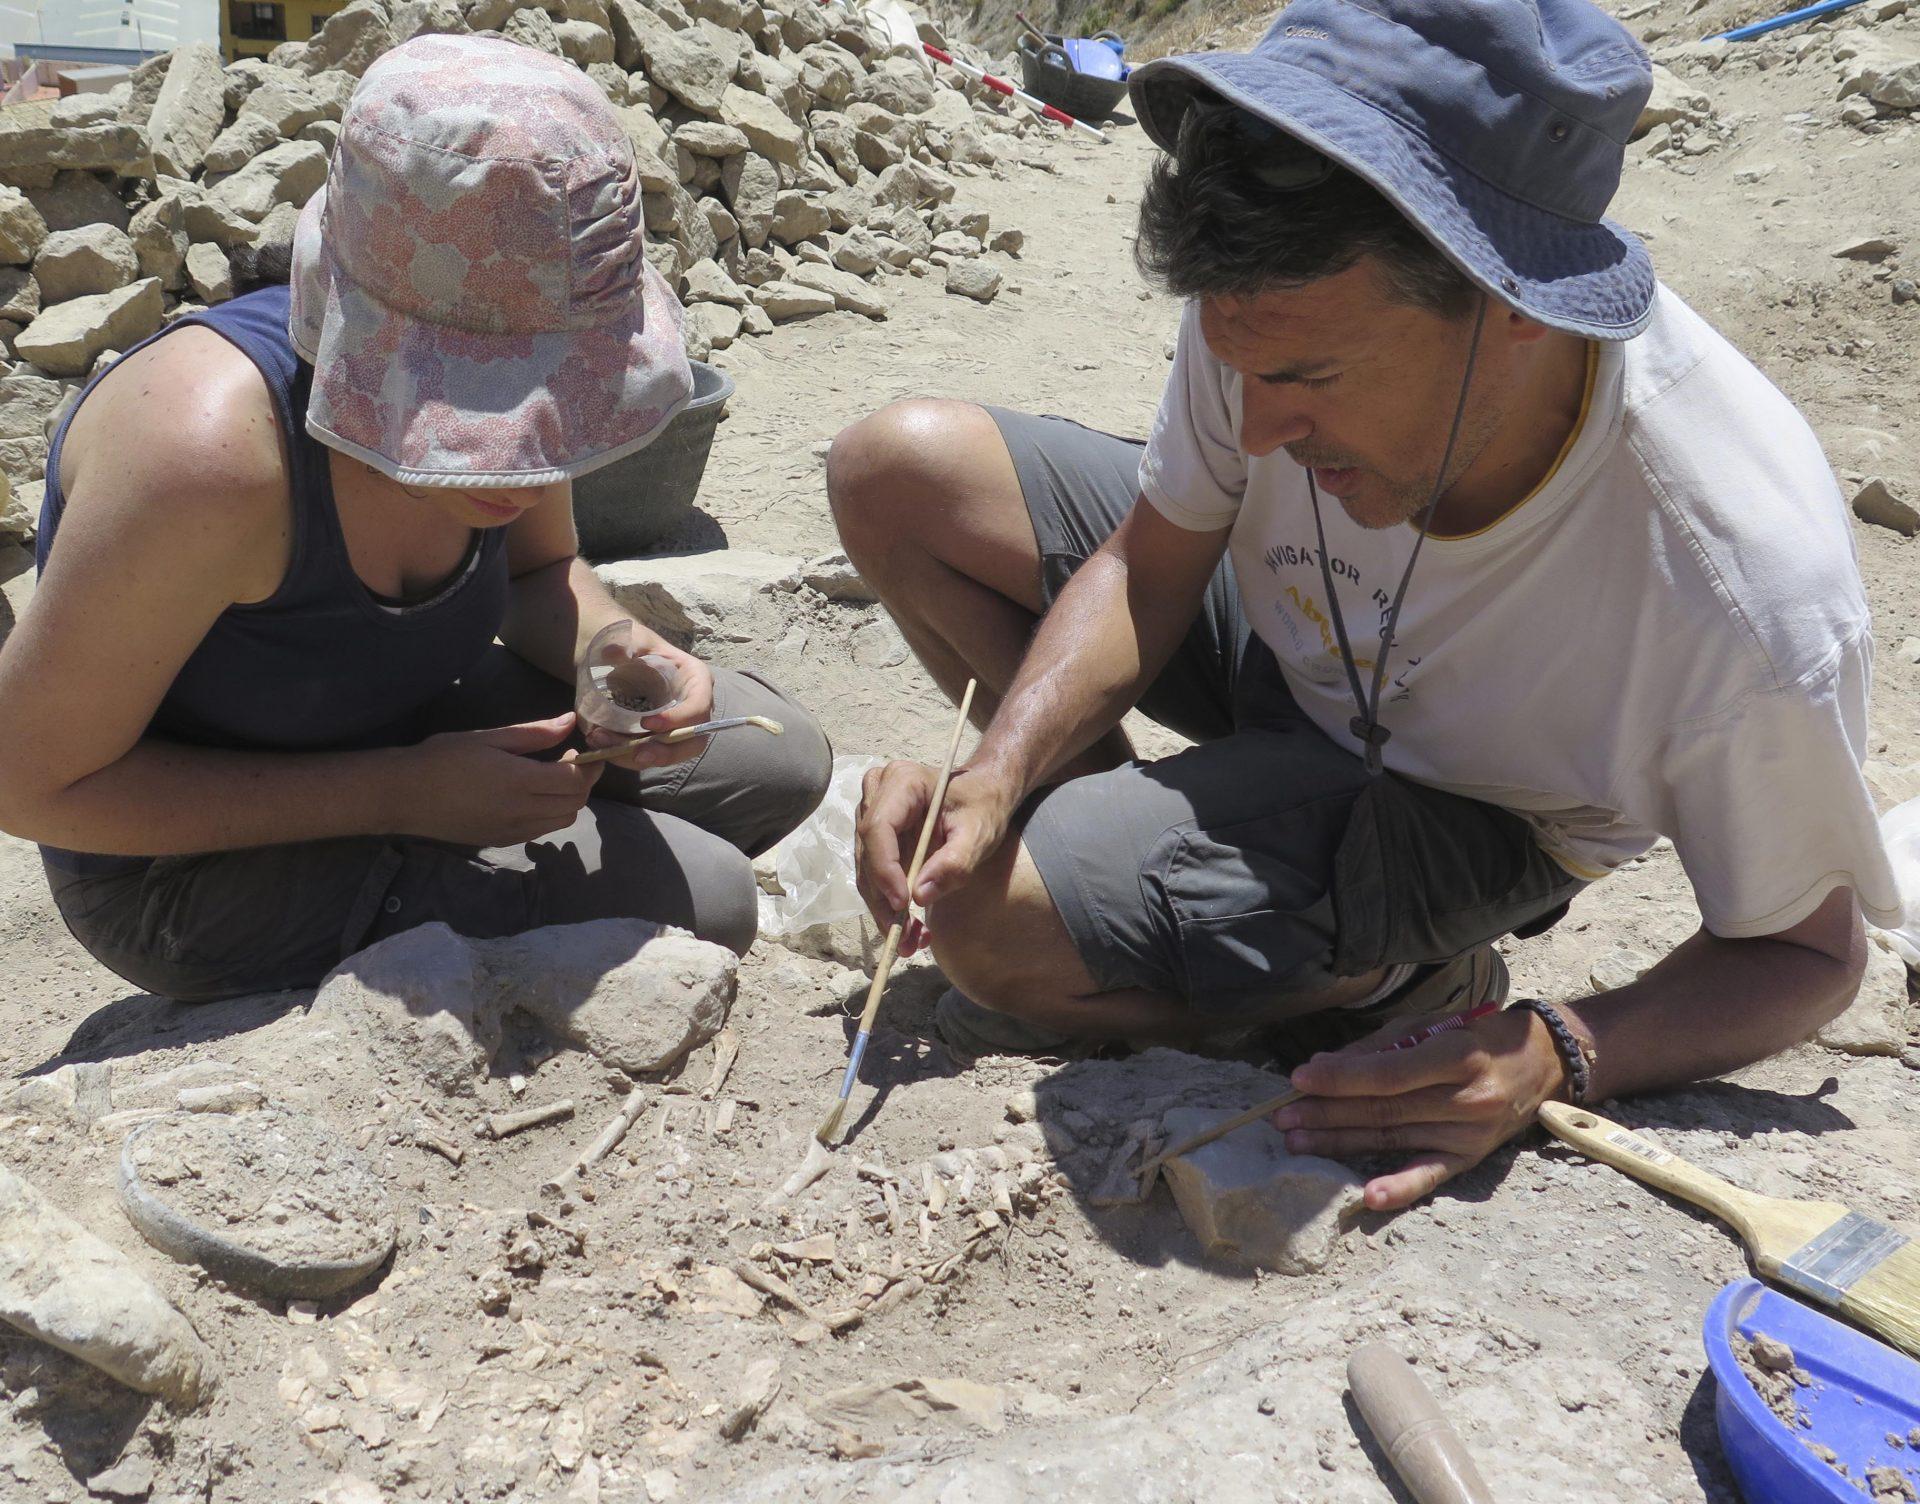 MARQ finaliza las excavaciones de Laderas del Castillo tras nueve años y una inversión de 140.000 euros